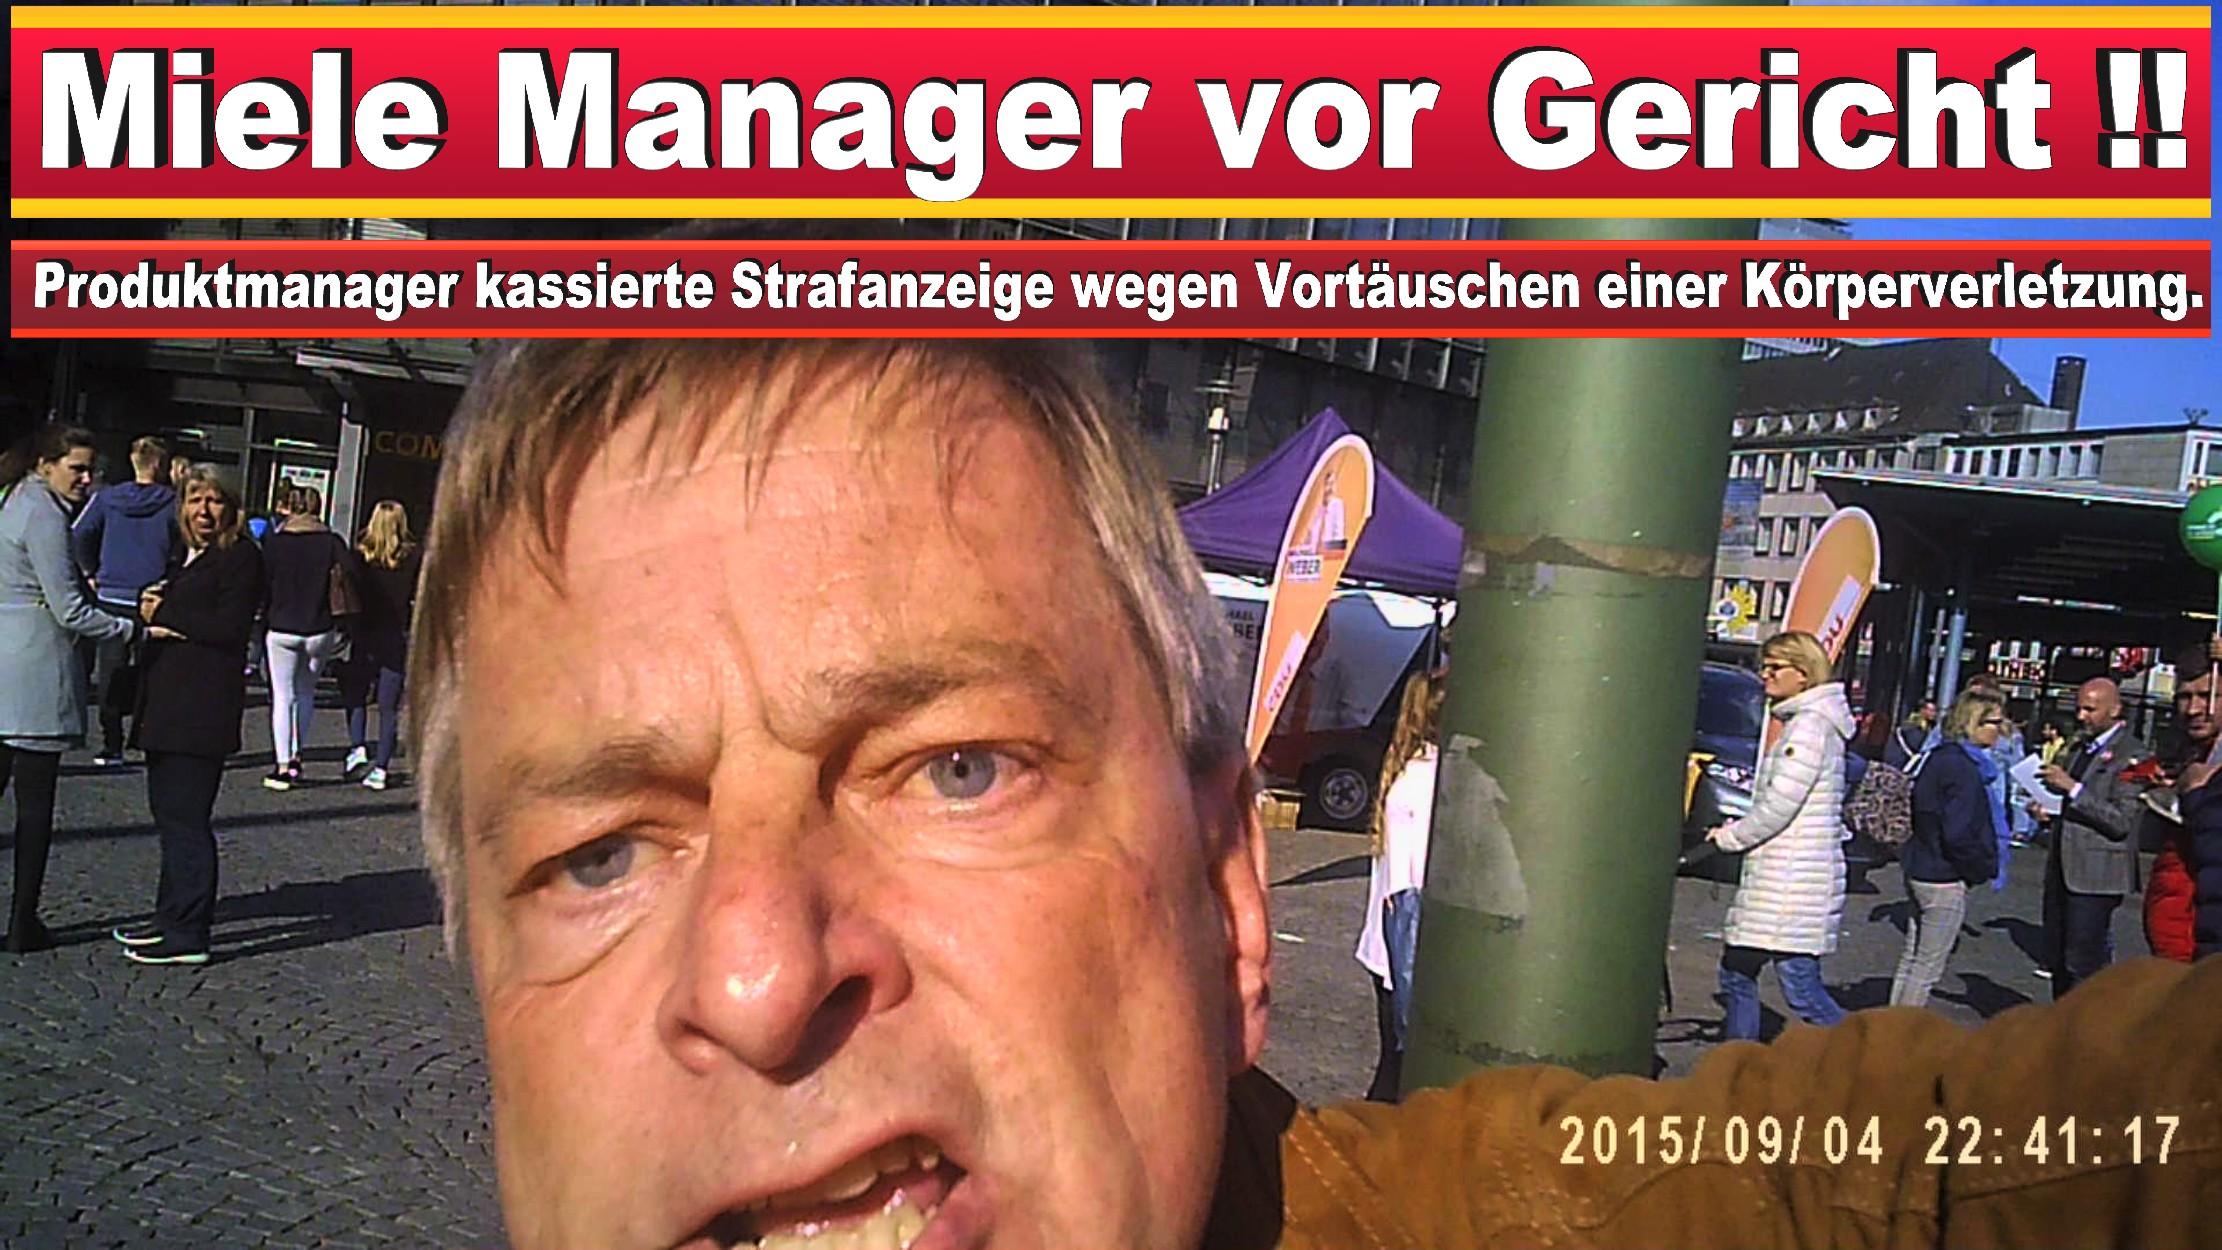 MICHAEL WEBER CDU BIELEFELD GEWALTAUSBRUCH UND STRAFANZEIGE (6)